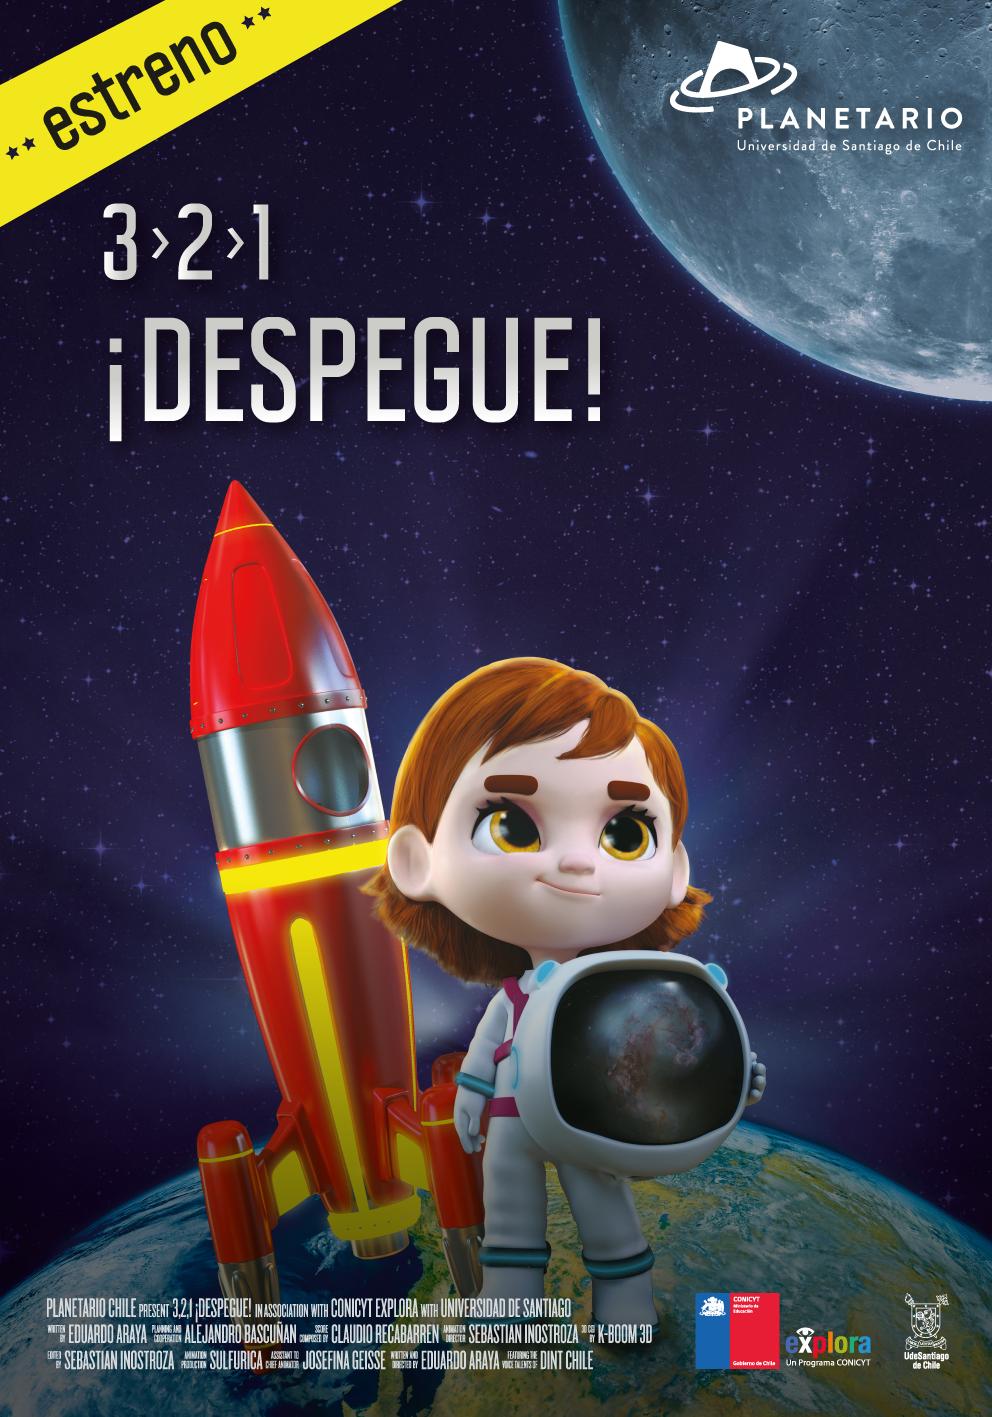 Estreno_Afiche-321Despegue